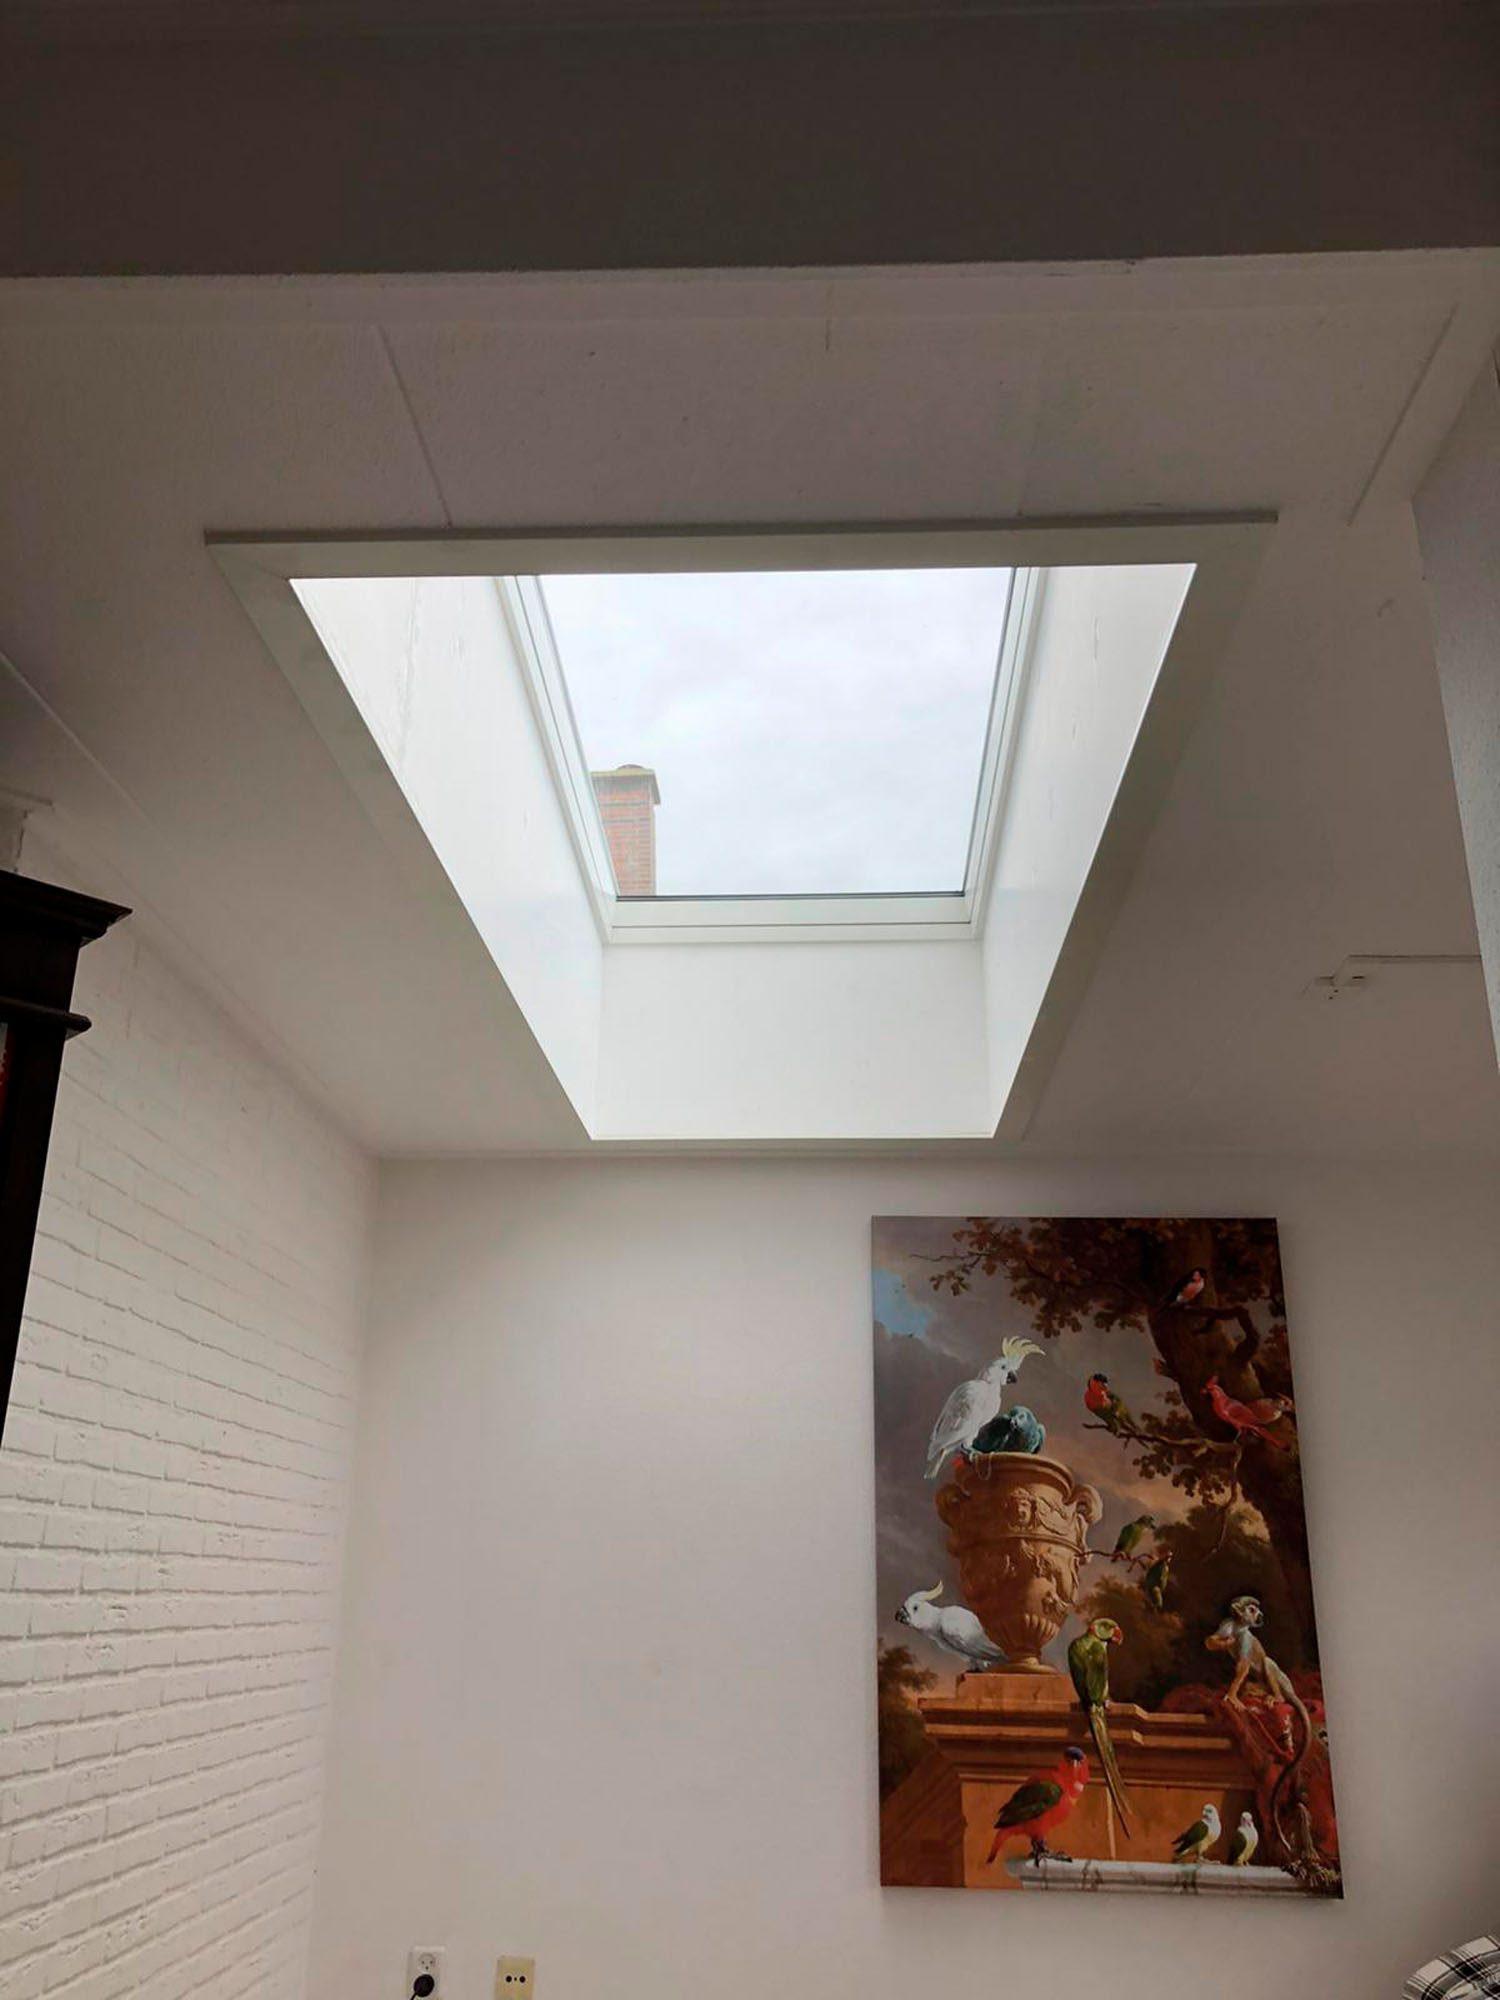 Verhoef-Dakramen-categorie platdak lichtstraat-PHOTO-2020-06-29-17-02-32